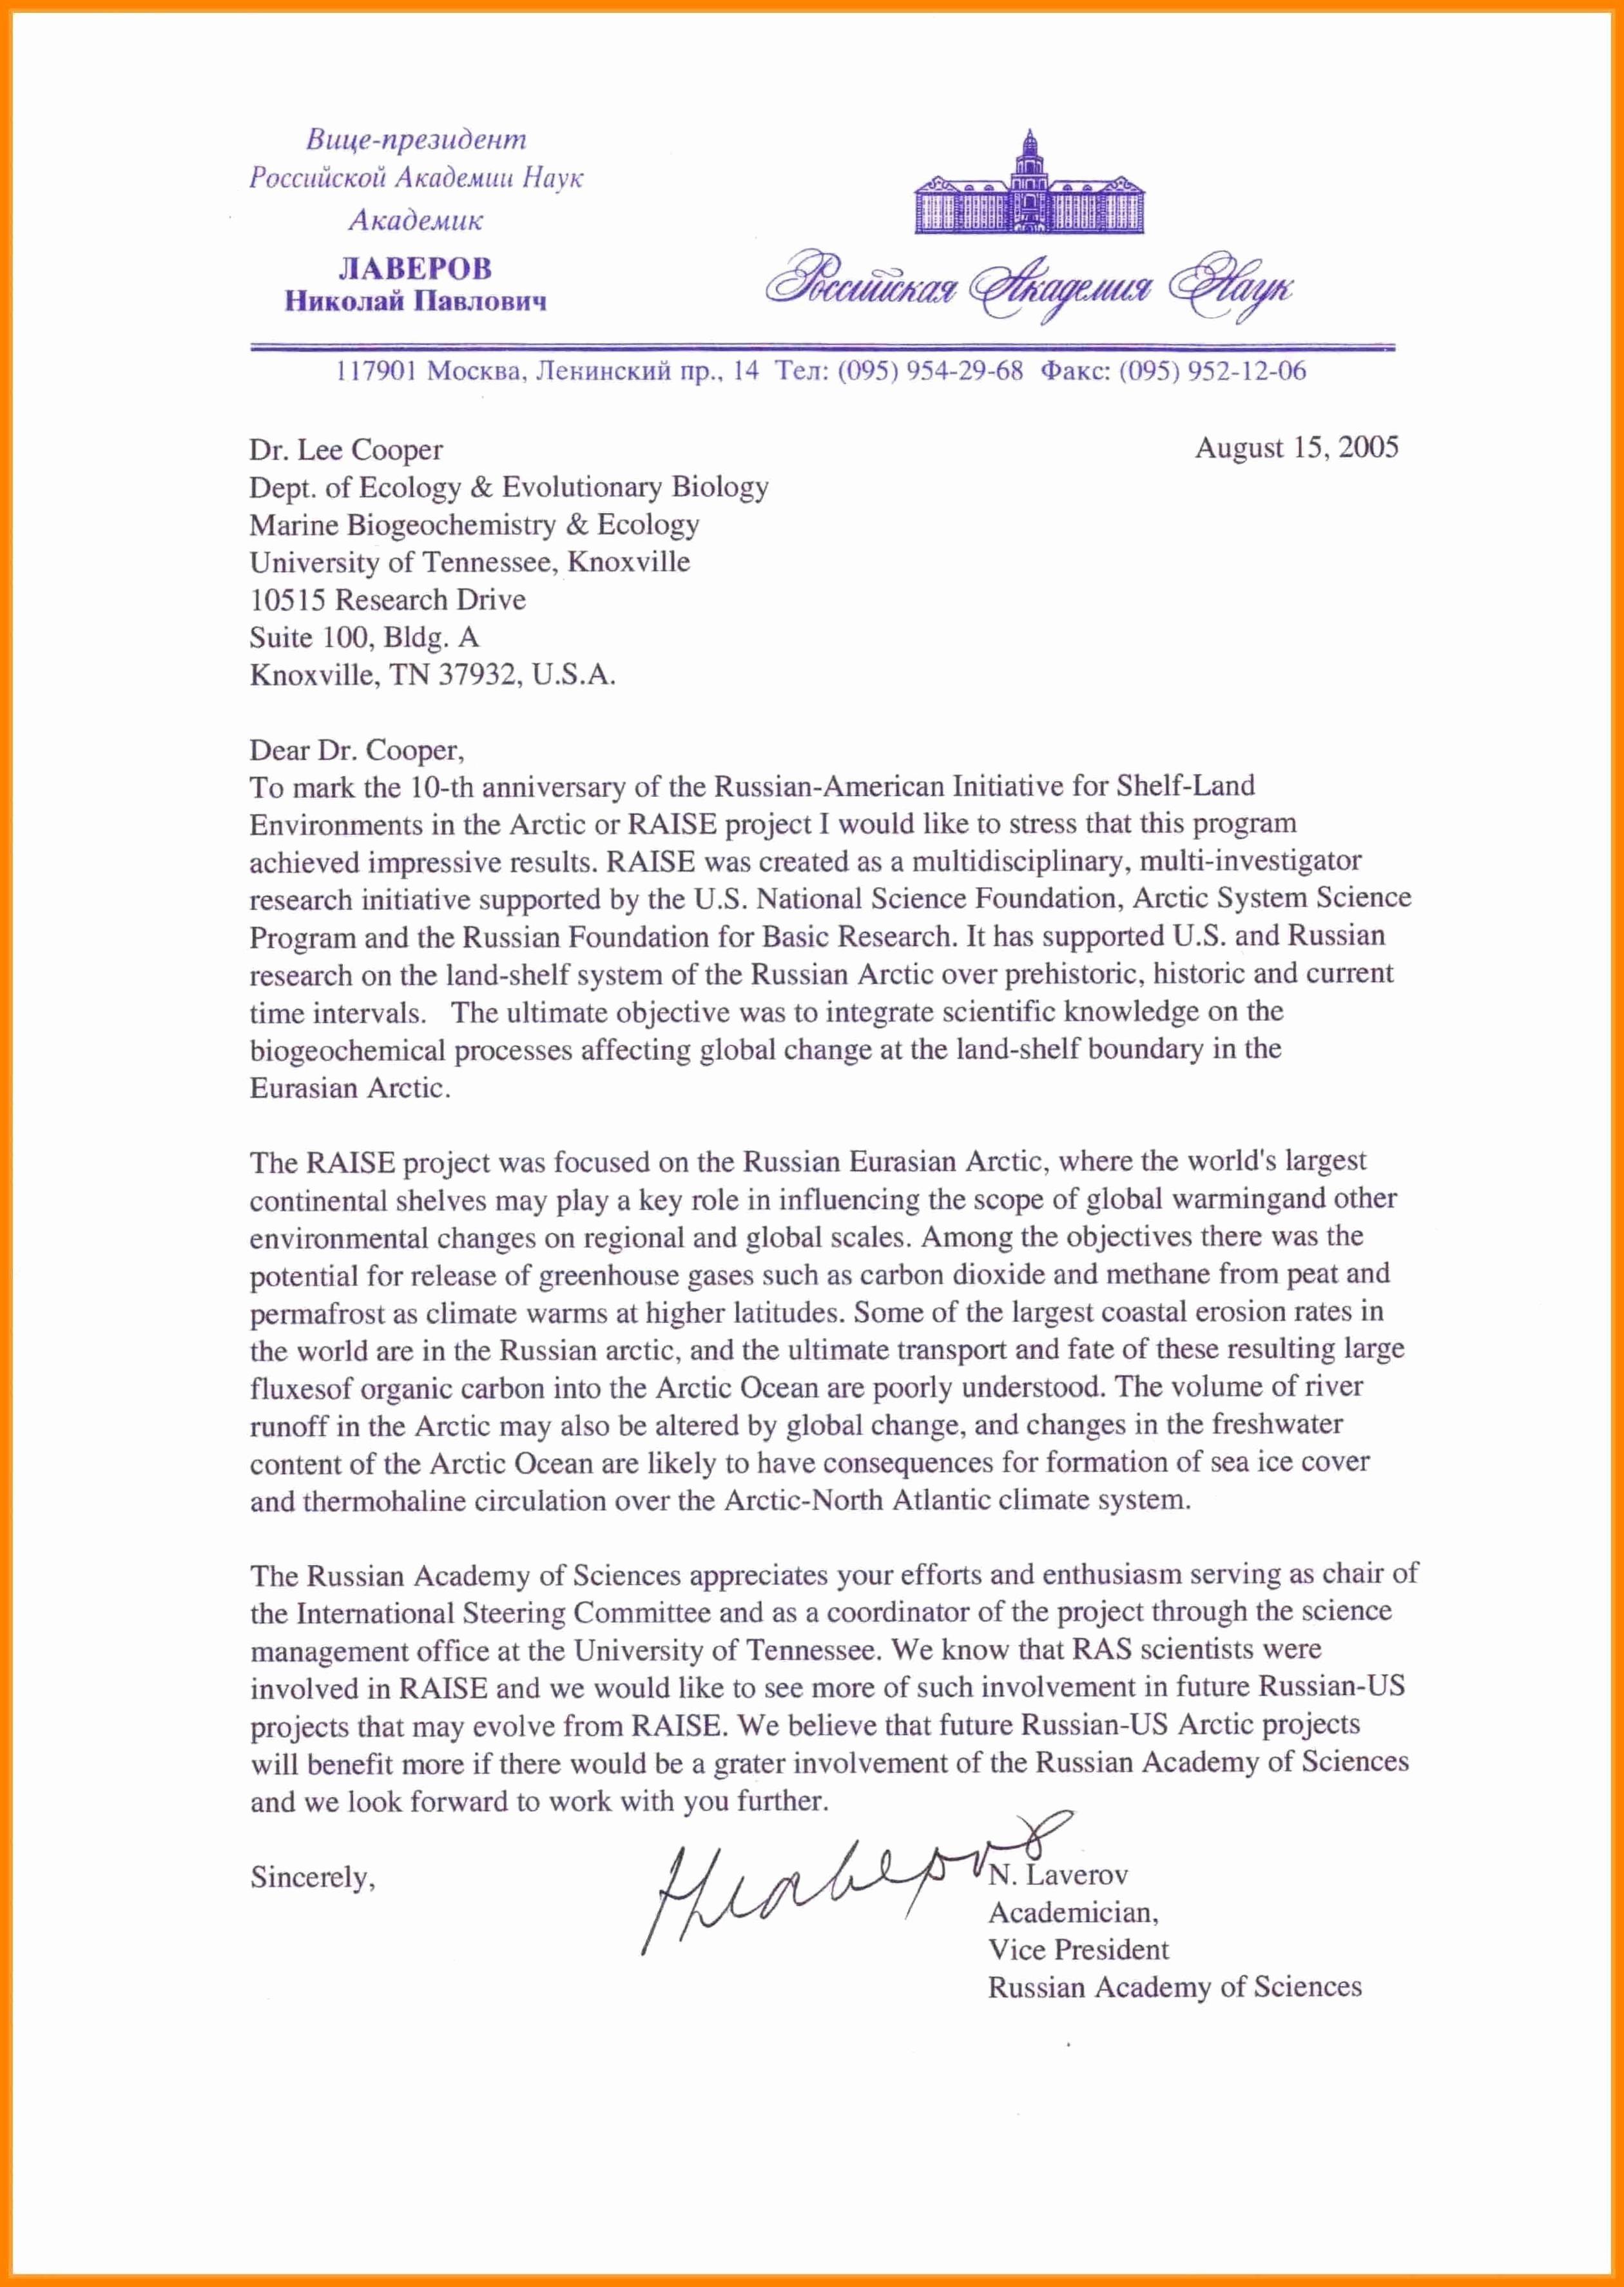 Letter to President format Fresh Letter to President format